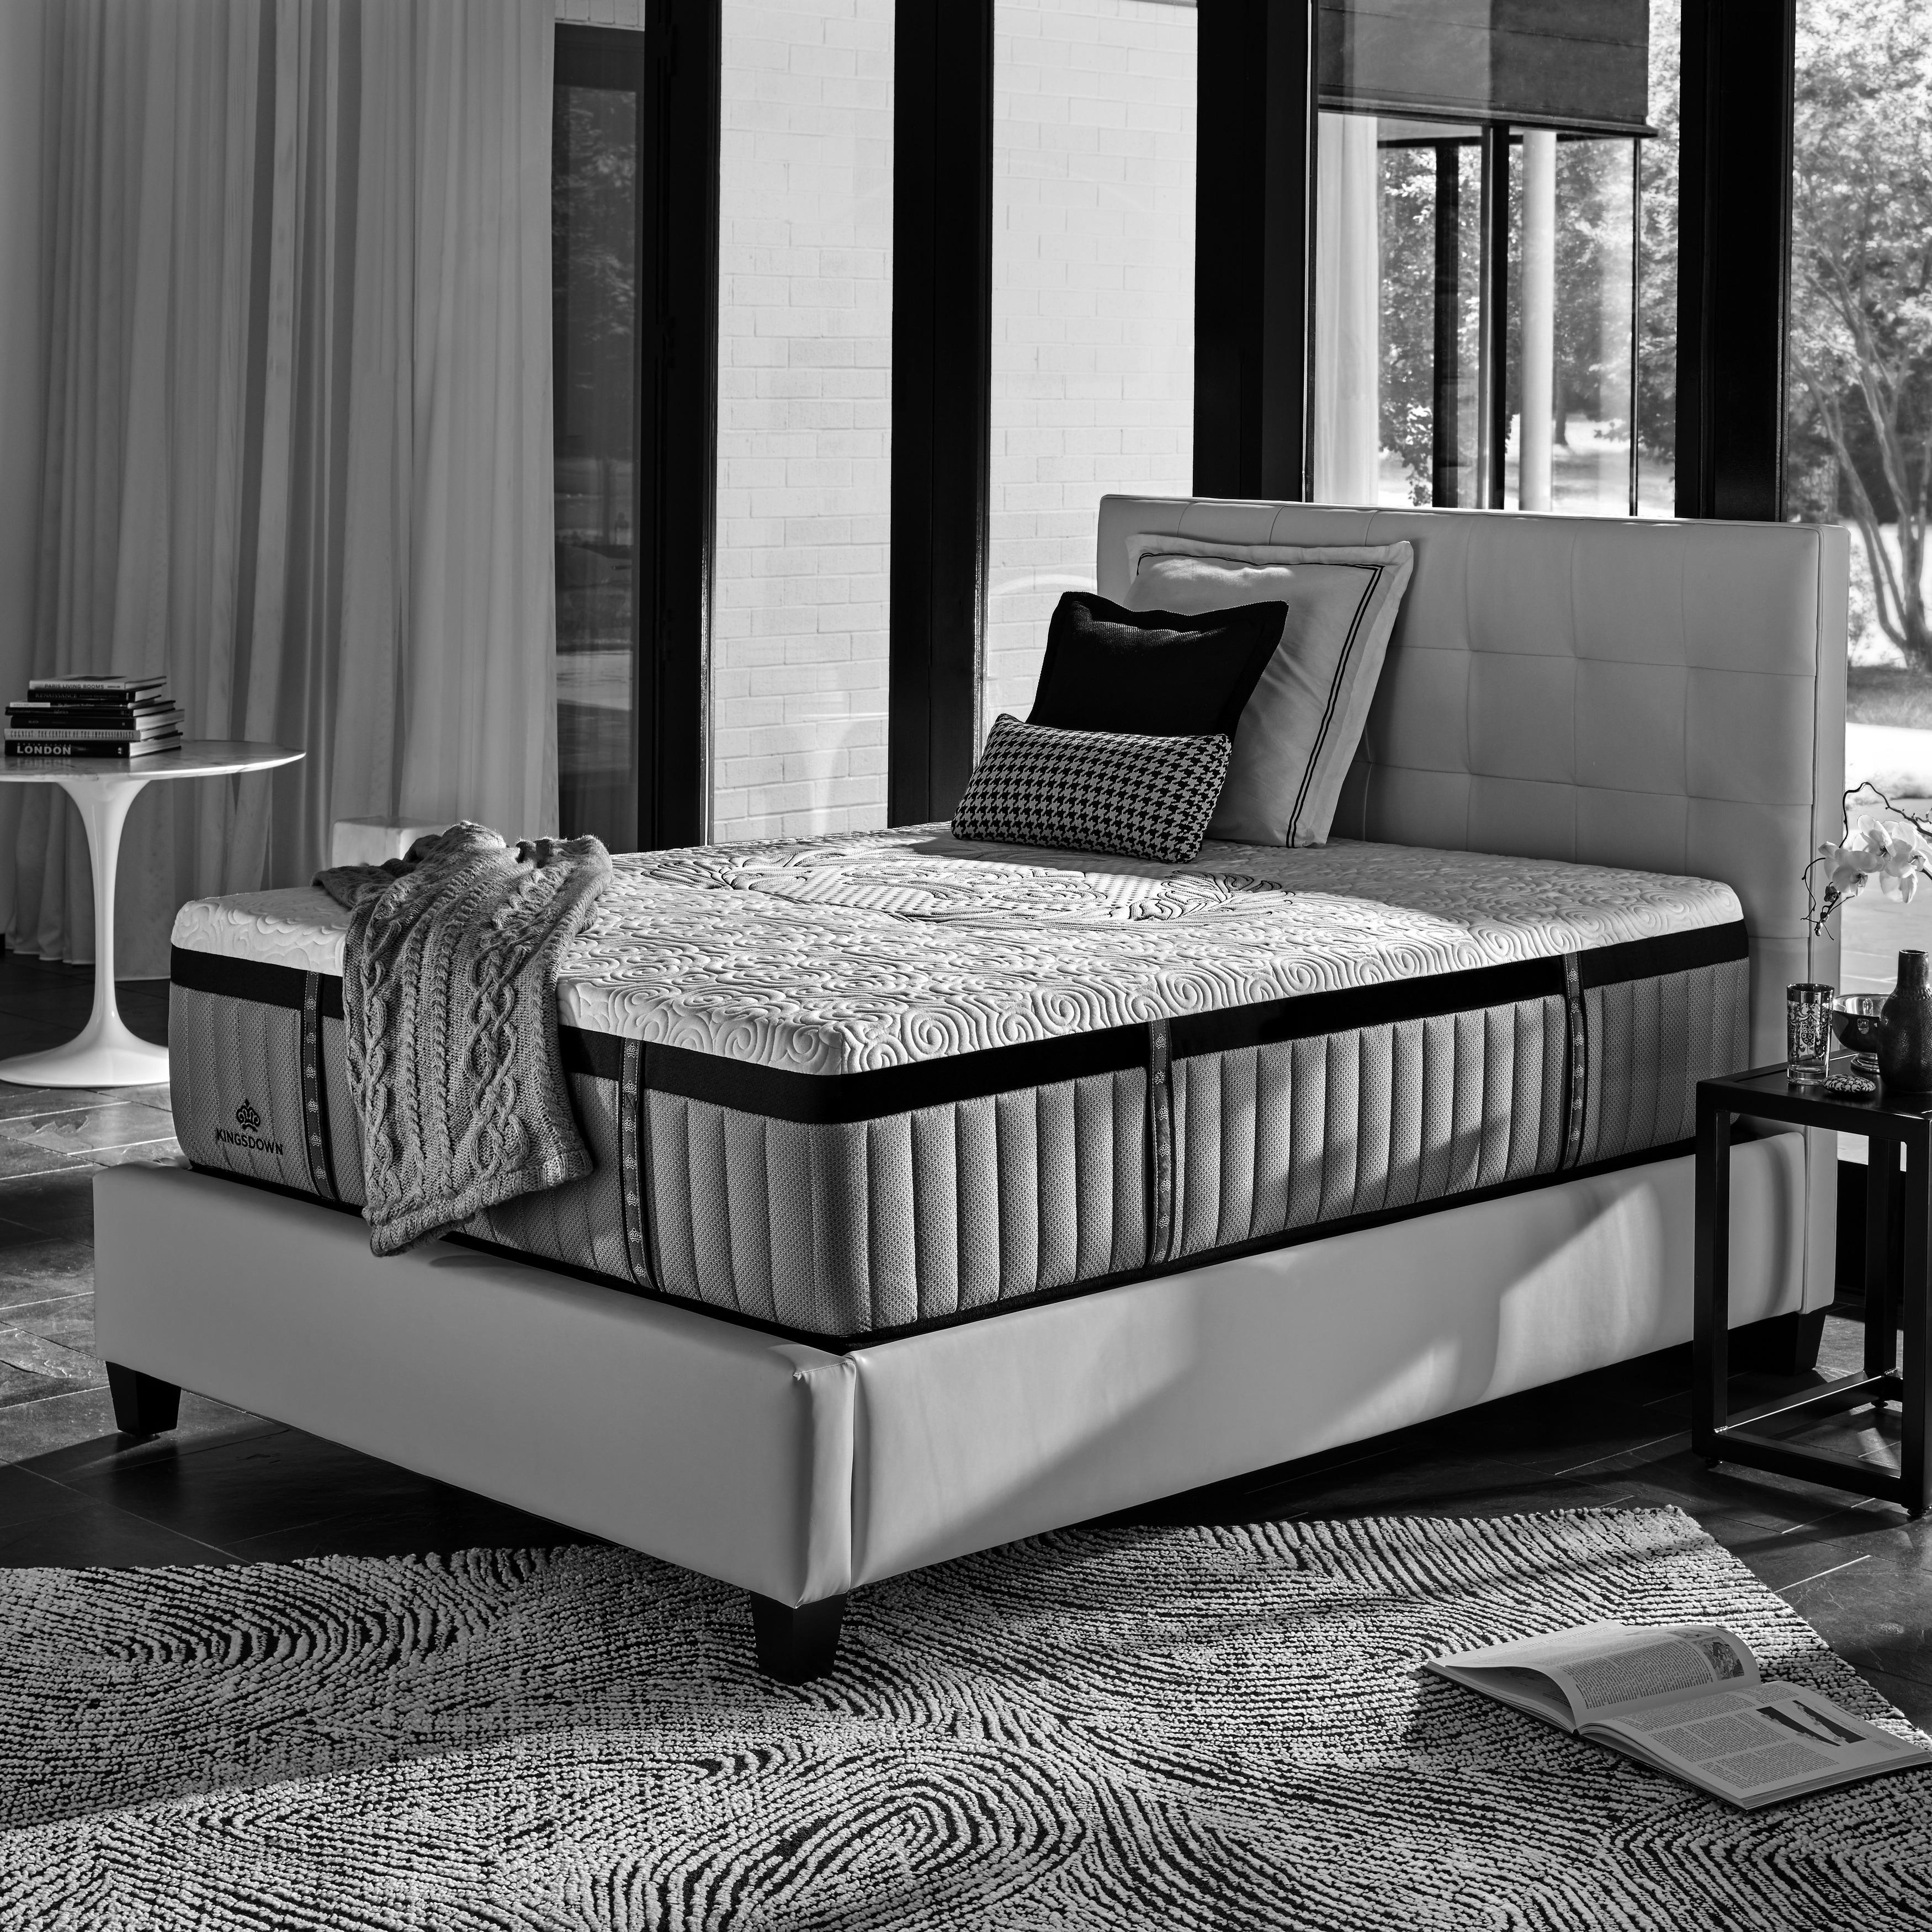 Kingsdown Crown Imperial Sceptre 14-inch King Luxury Cush...